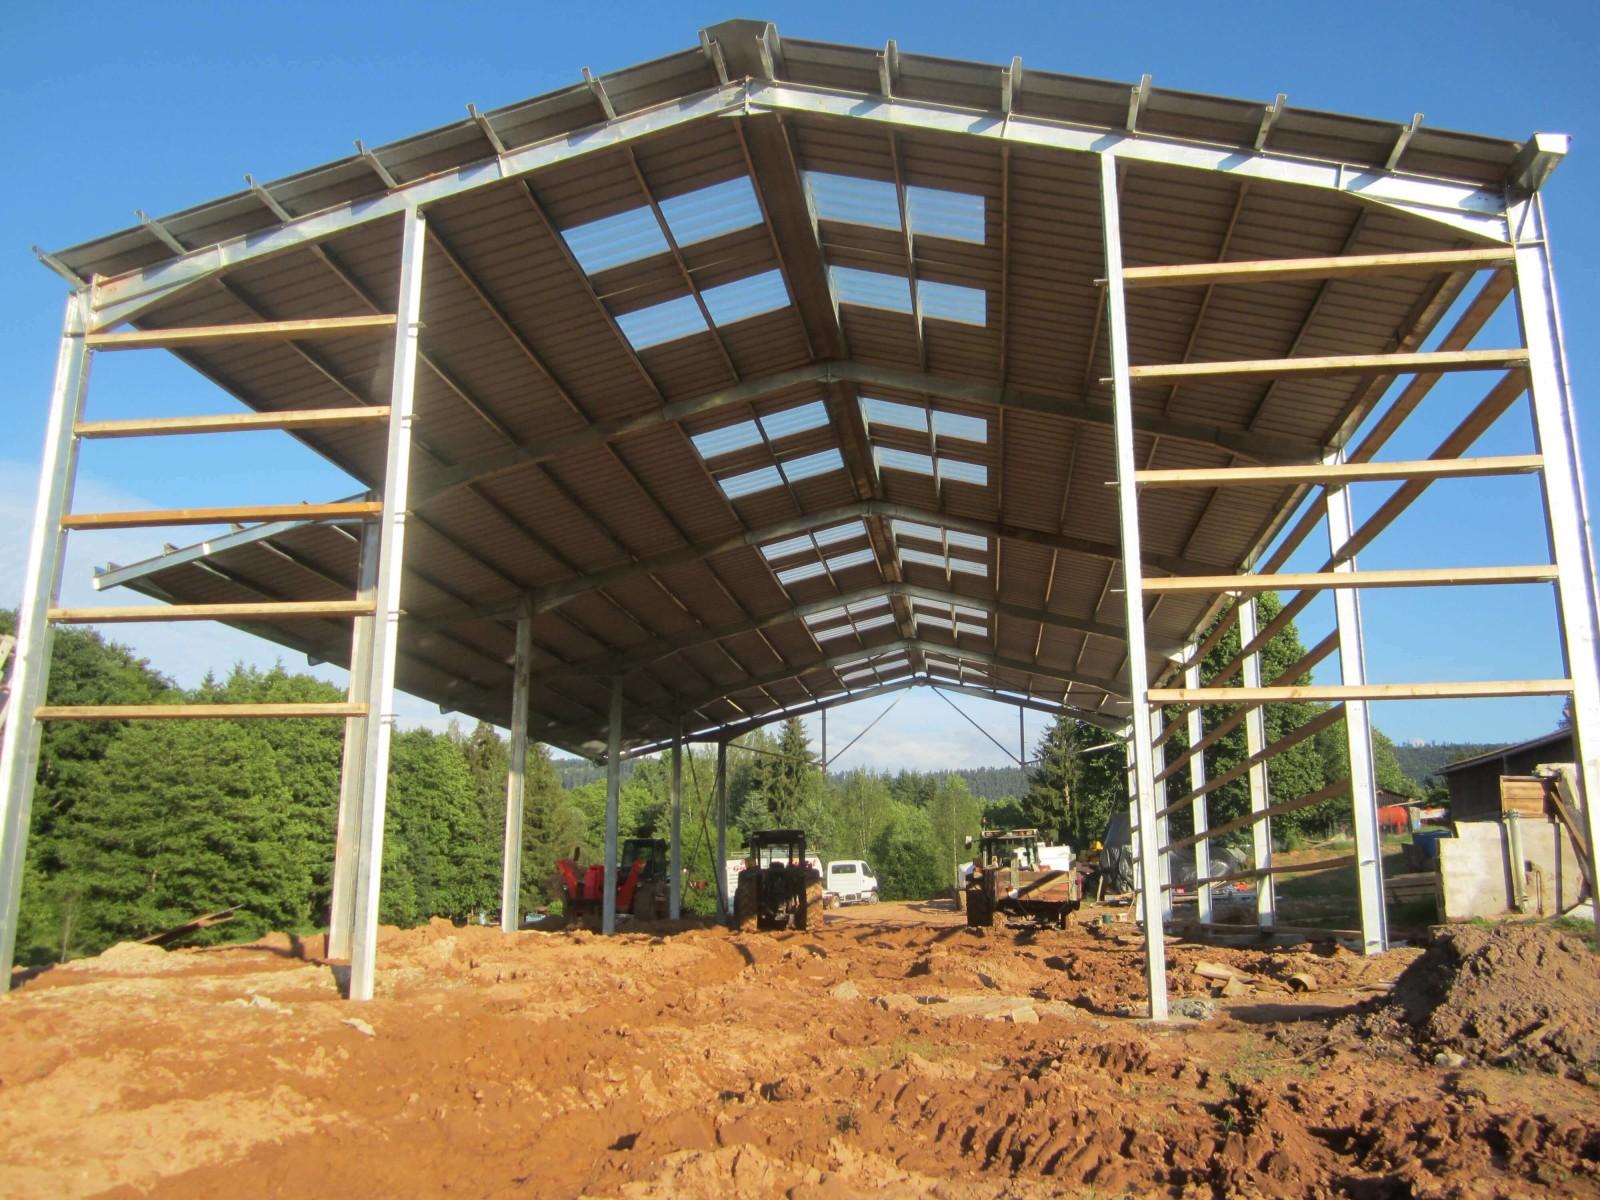 plan batiment agricole en bois